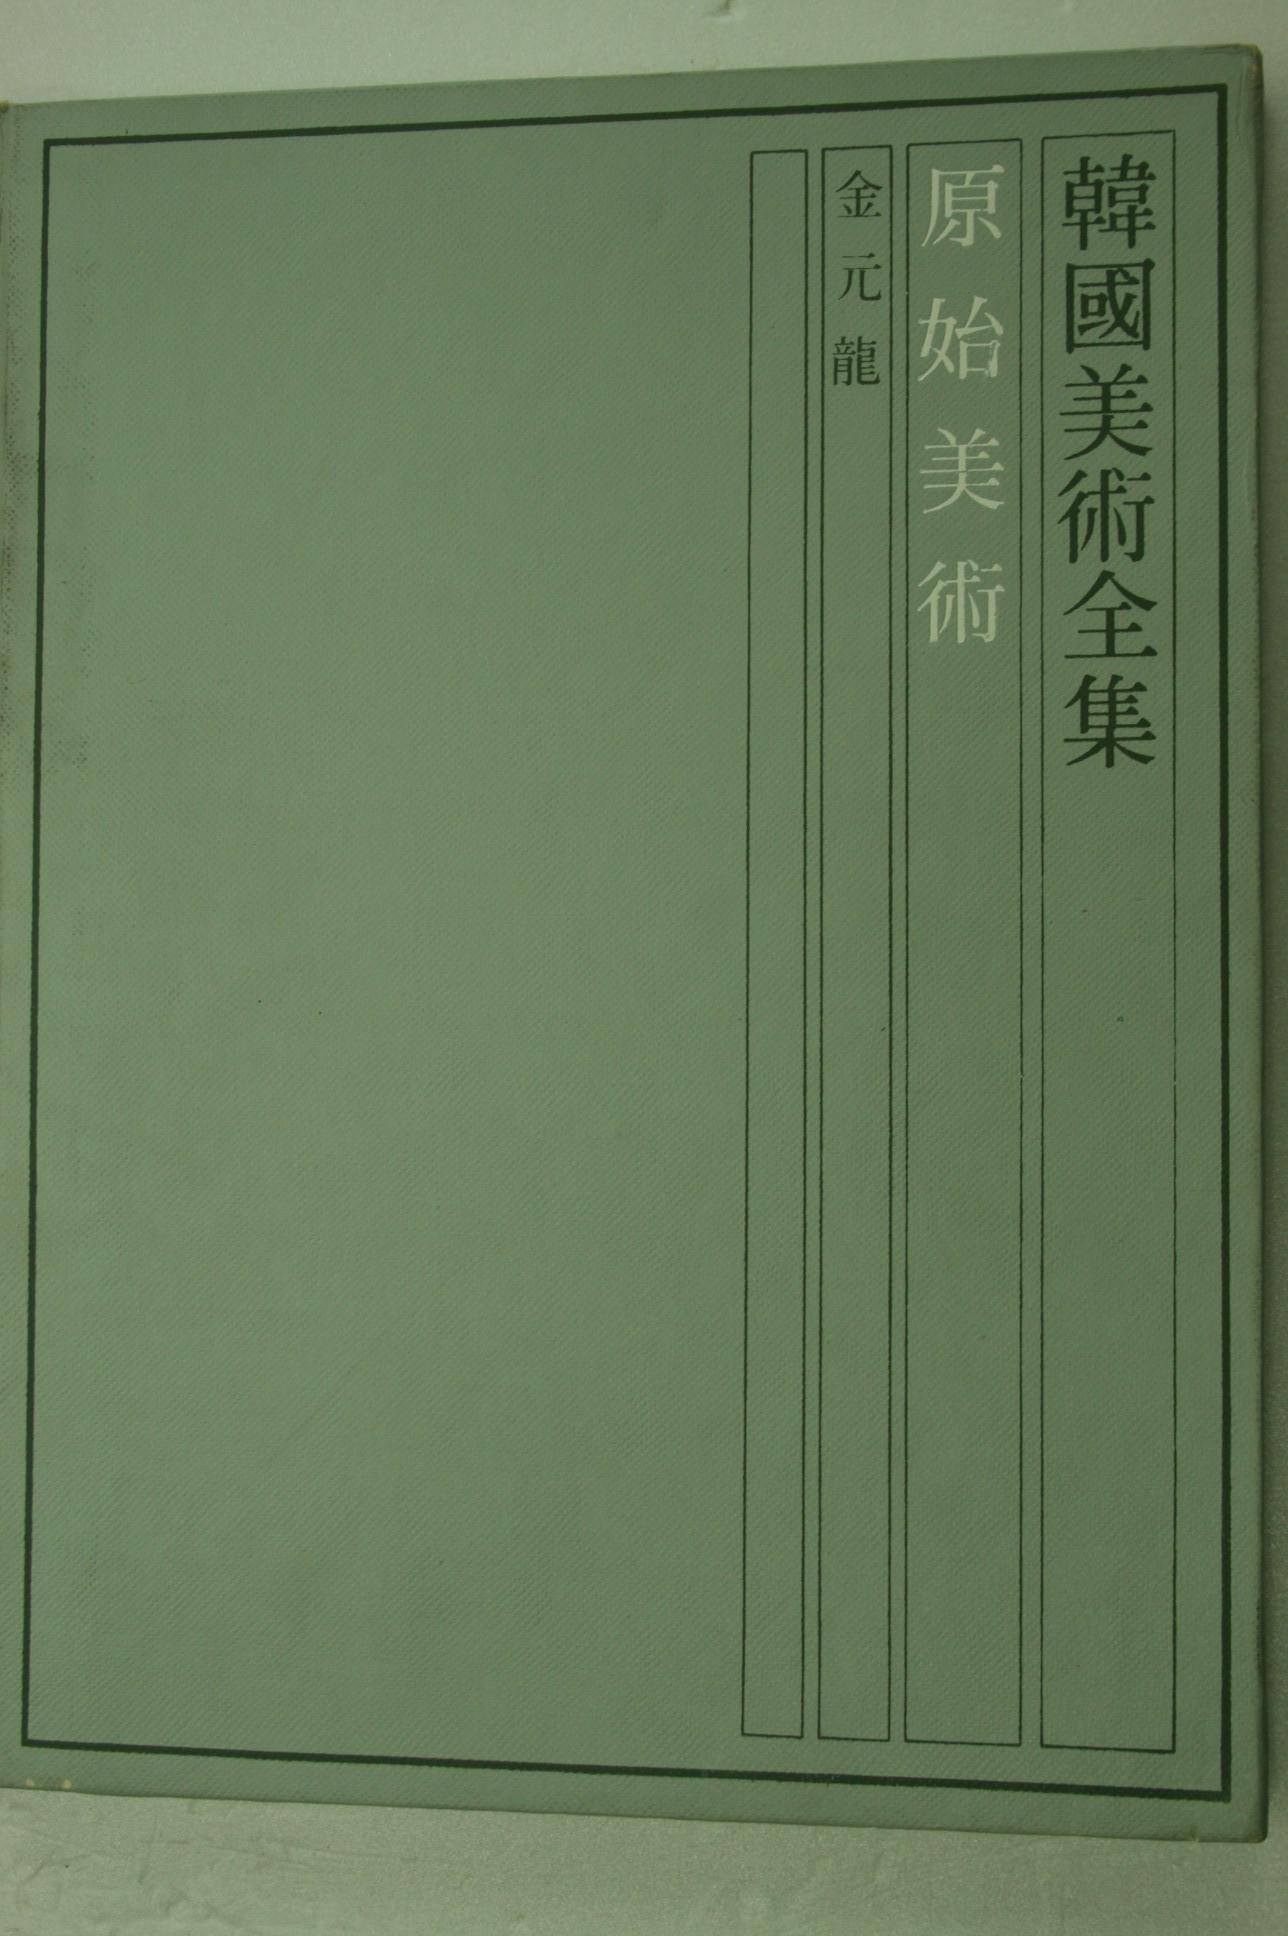 한국미술전집1~15권 올세트(양장번케이스)최상급